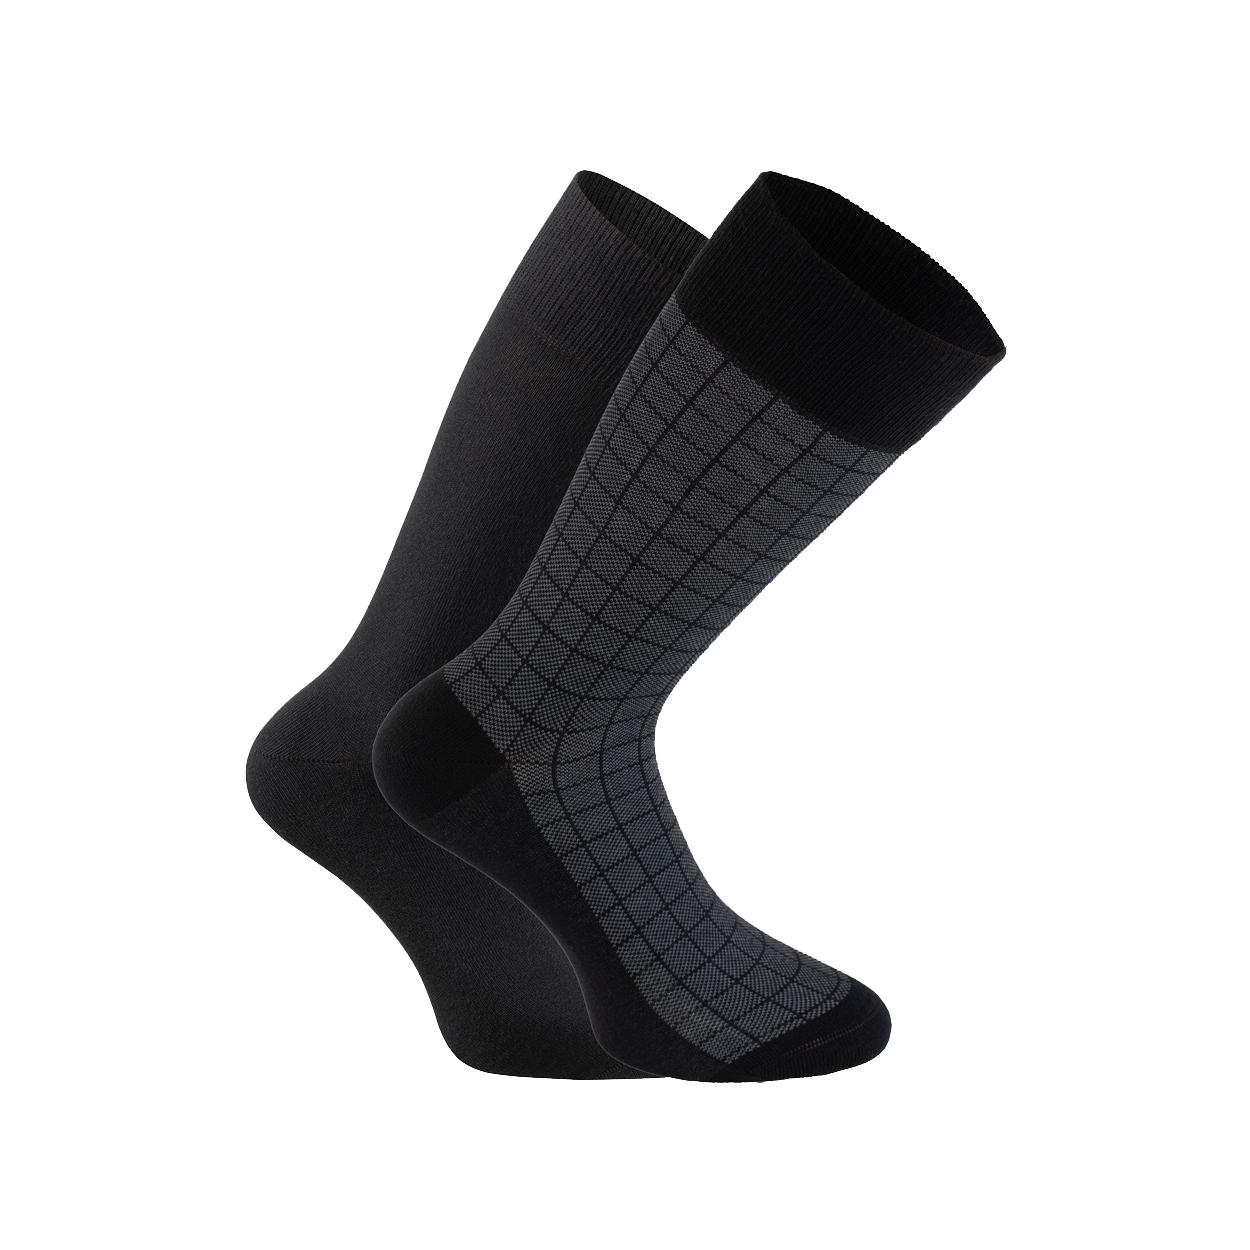 Lot de 2 paires de chaussettes  en coton mélangé noir et imprimé carreaux